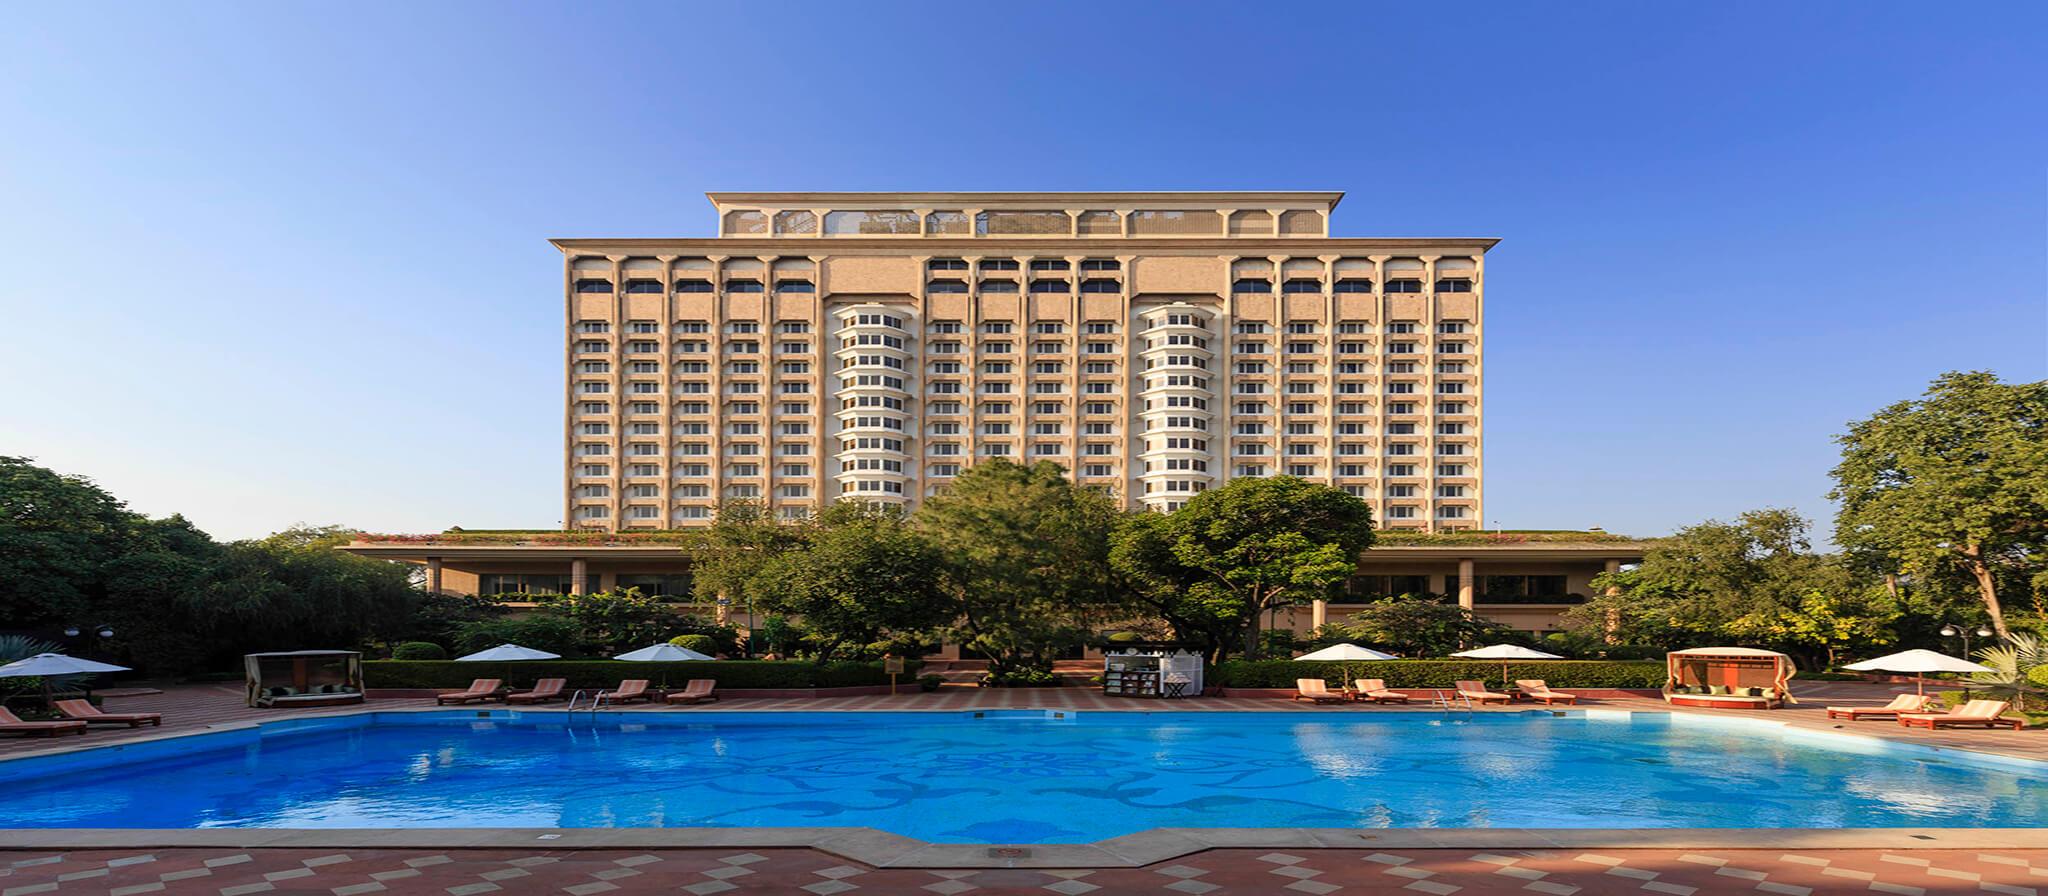 Taj Mahal Hotel, Taj Mansingh, Tata group, supreme court